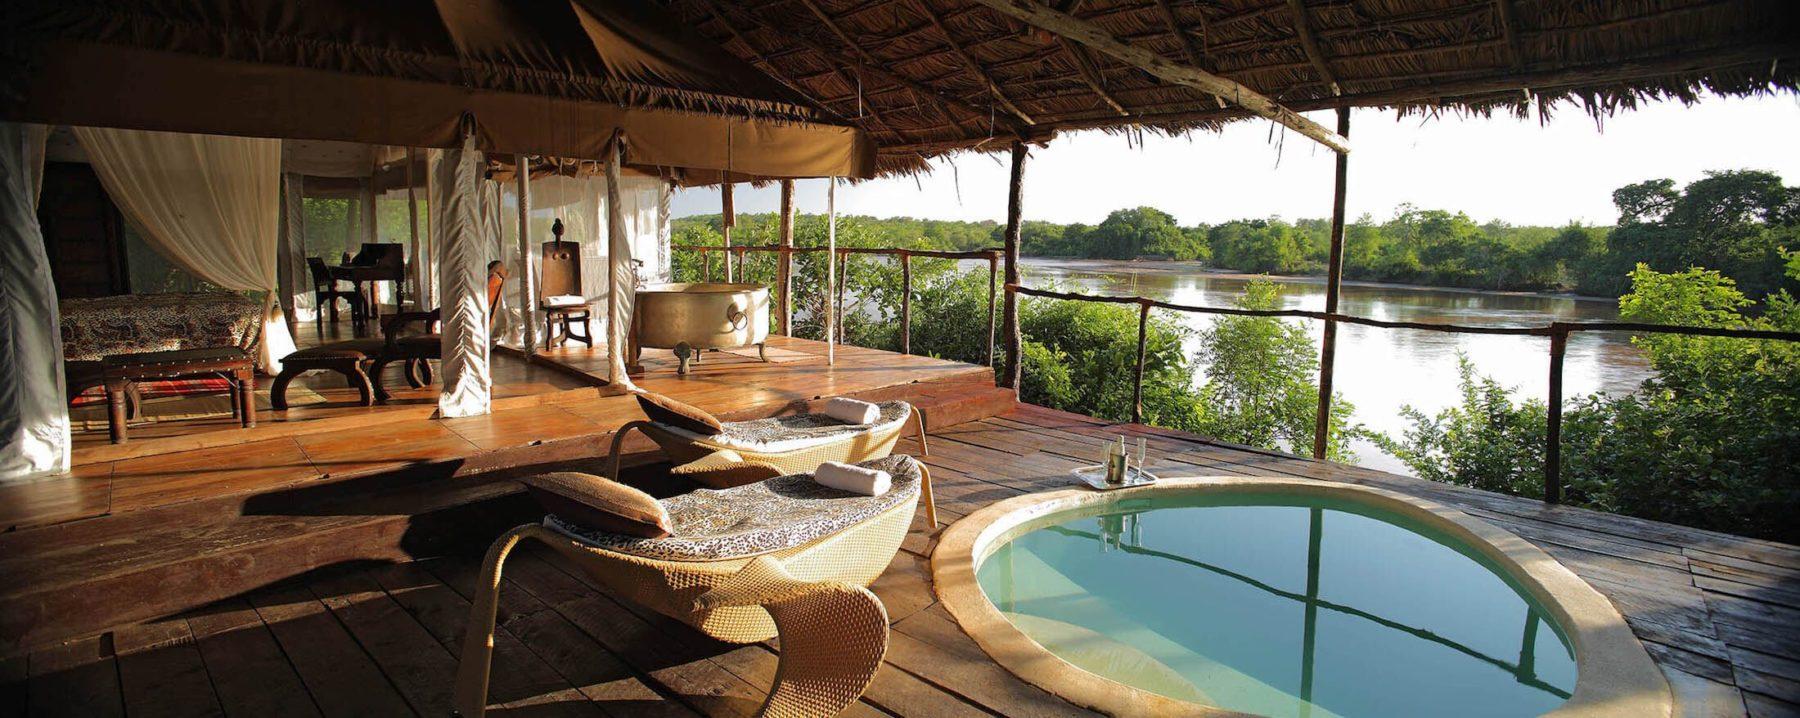 Tanzania_safari-luxury